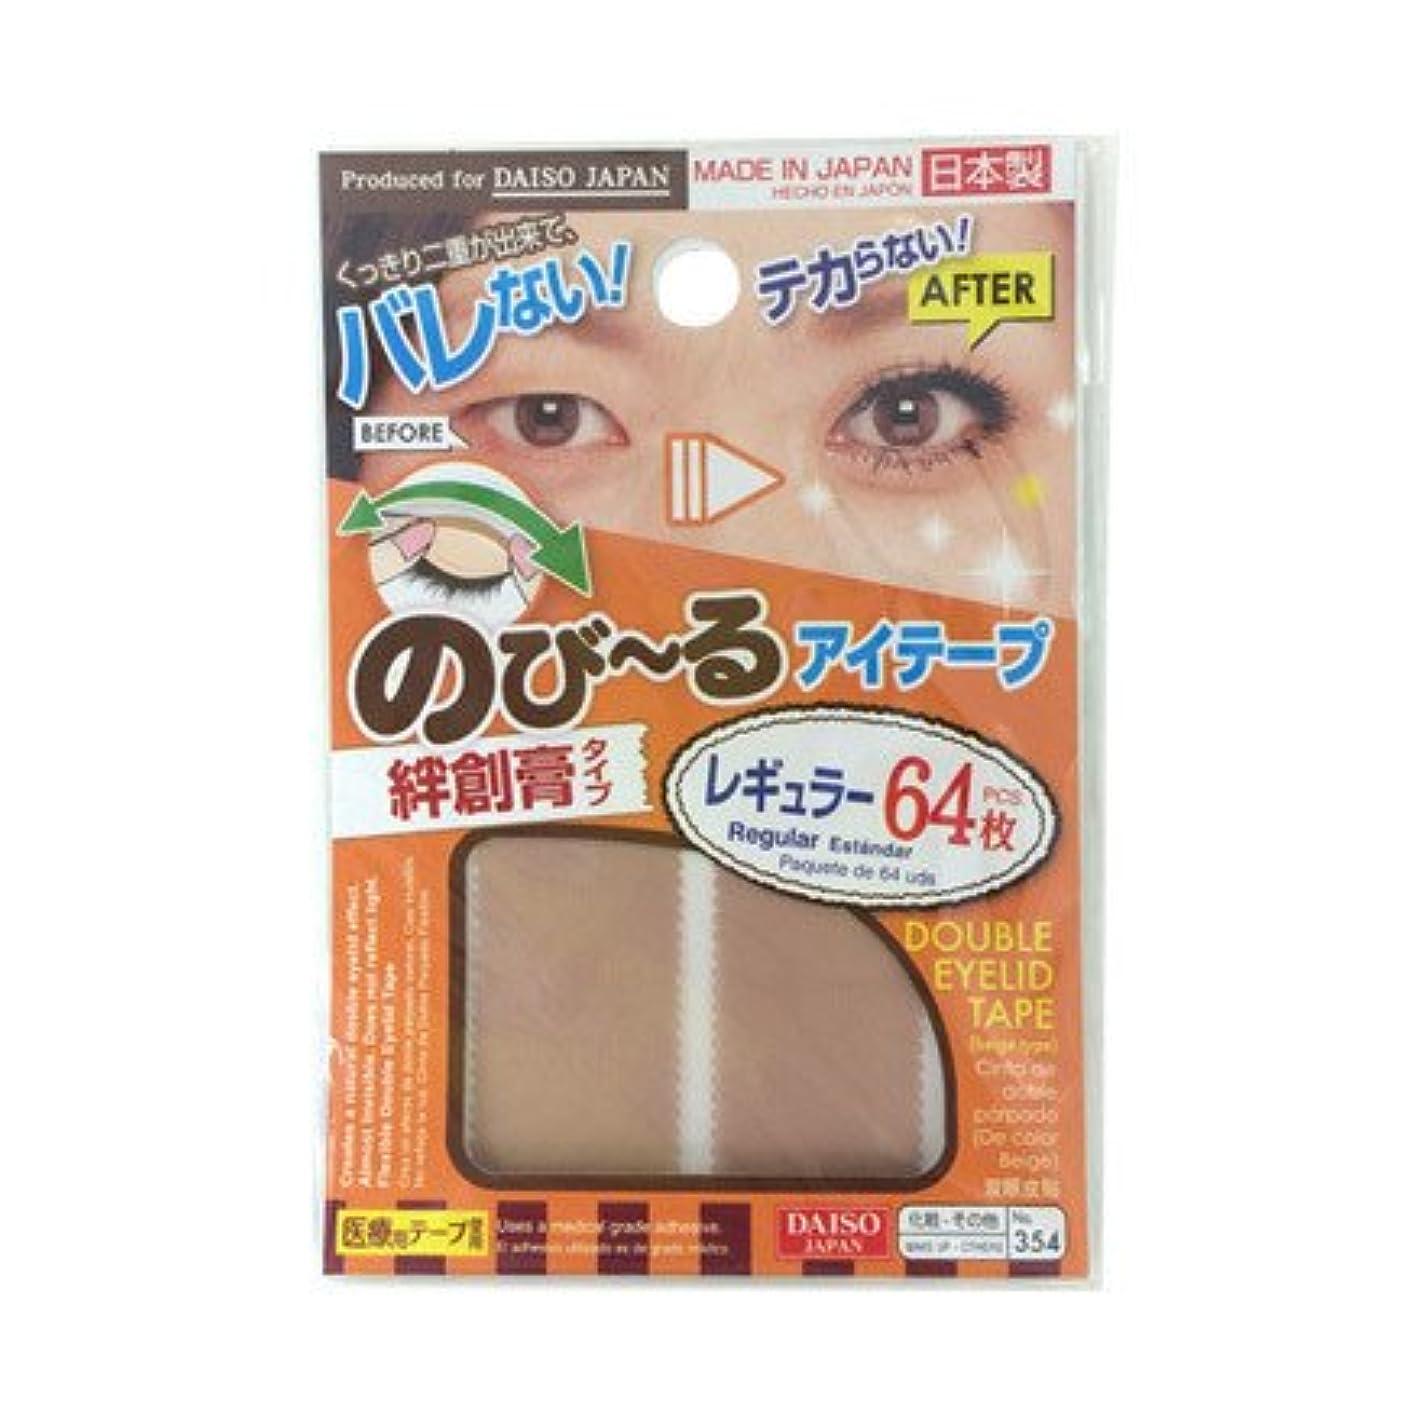 告発者合わせて起きるdaiso ダイソー のび~る アイテープ  絆創膏 レギュラー 64枚 ×2パック